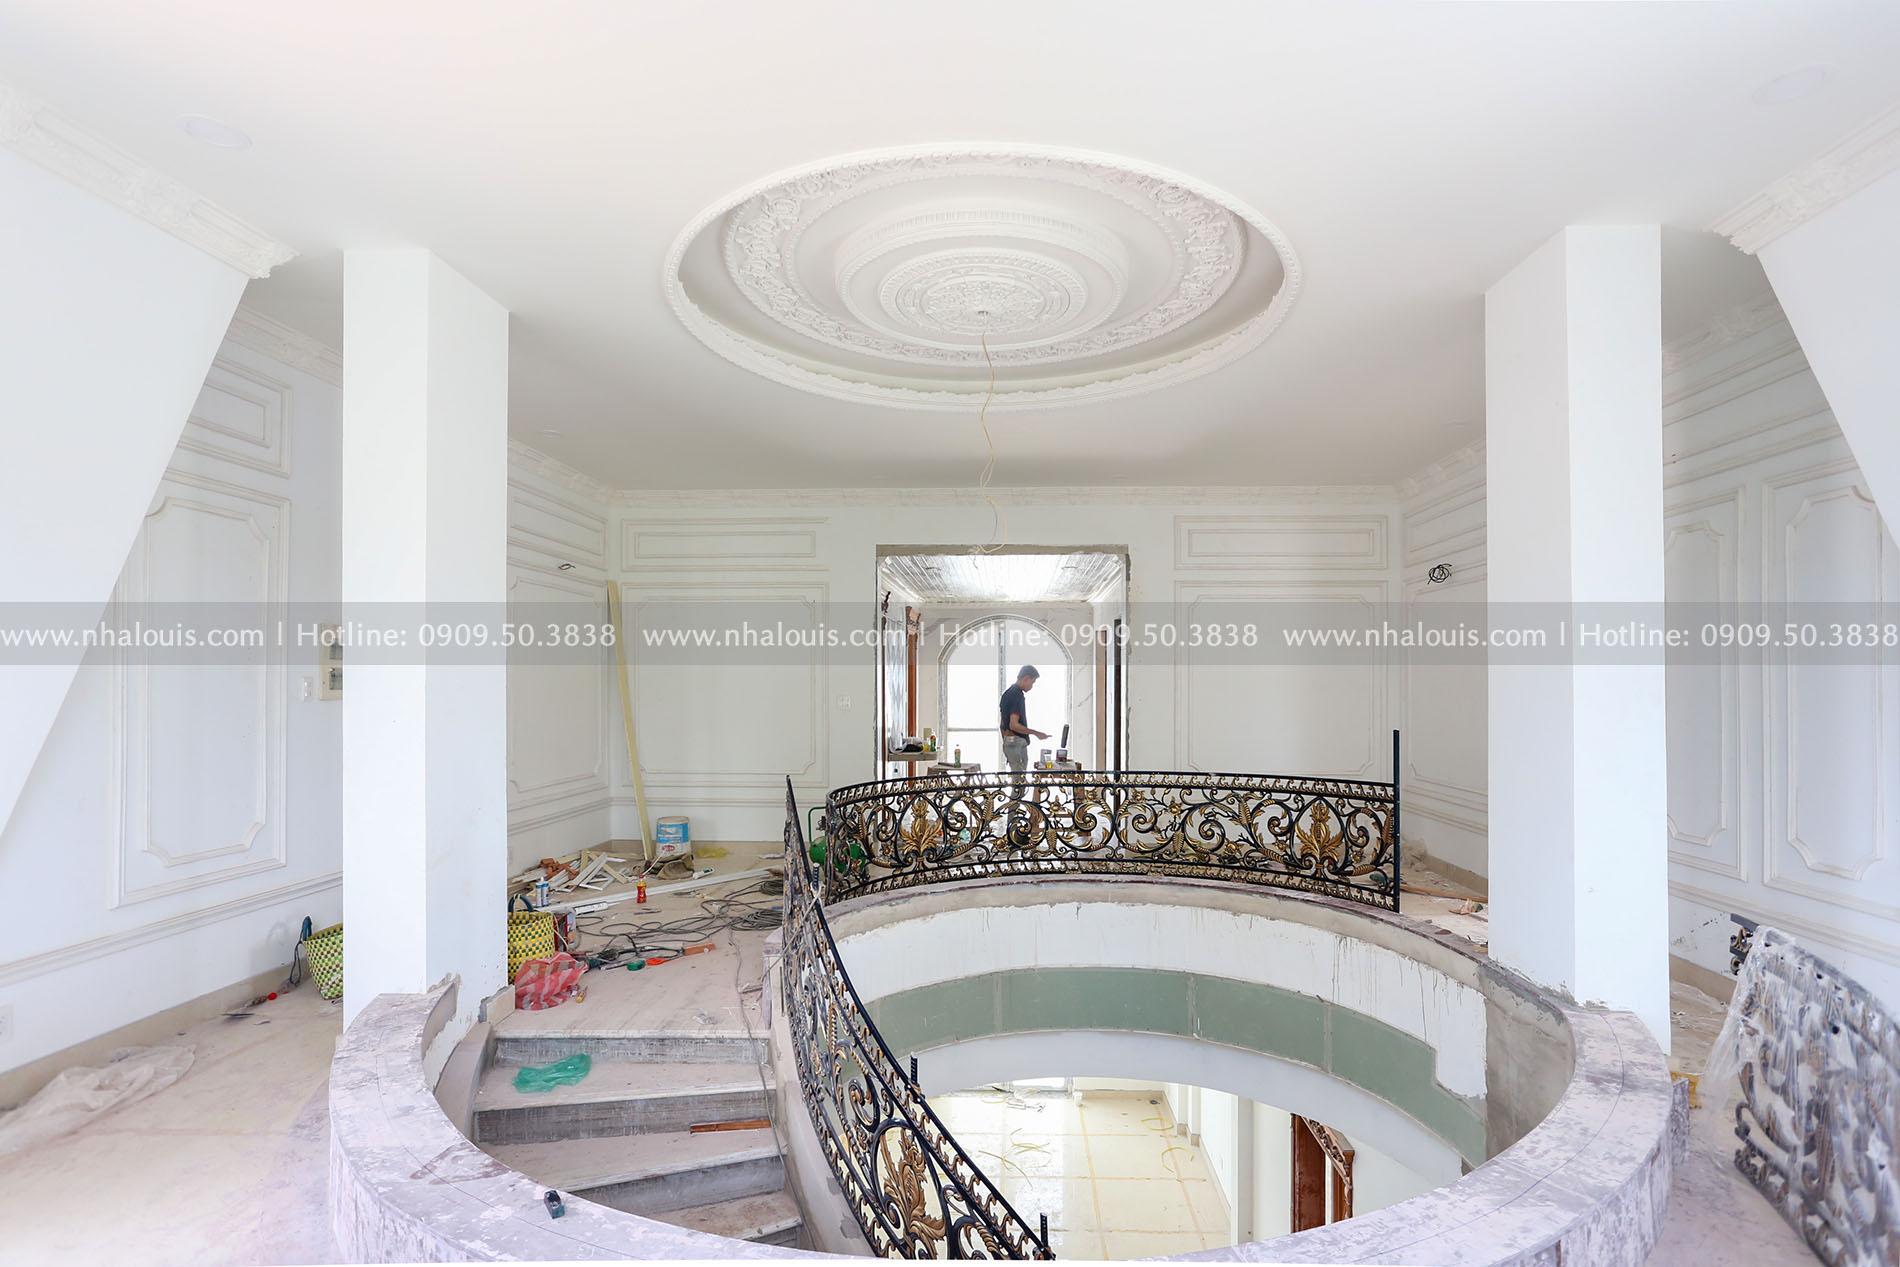 Mẫu biệt thự 3 tầng kiểu Pháp đẹp mê mẩn tại Hậu Giang